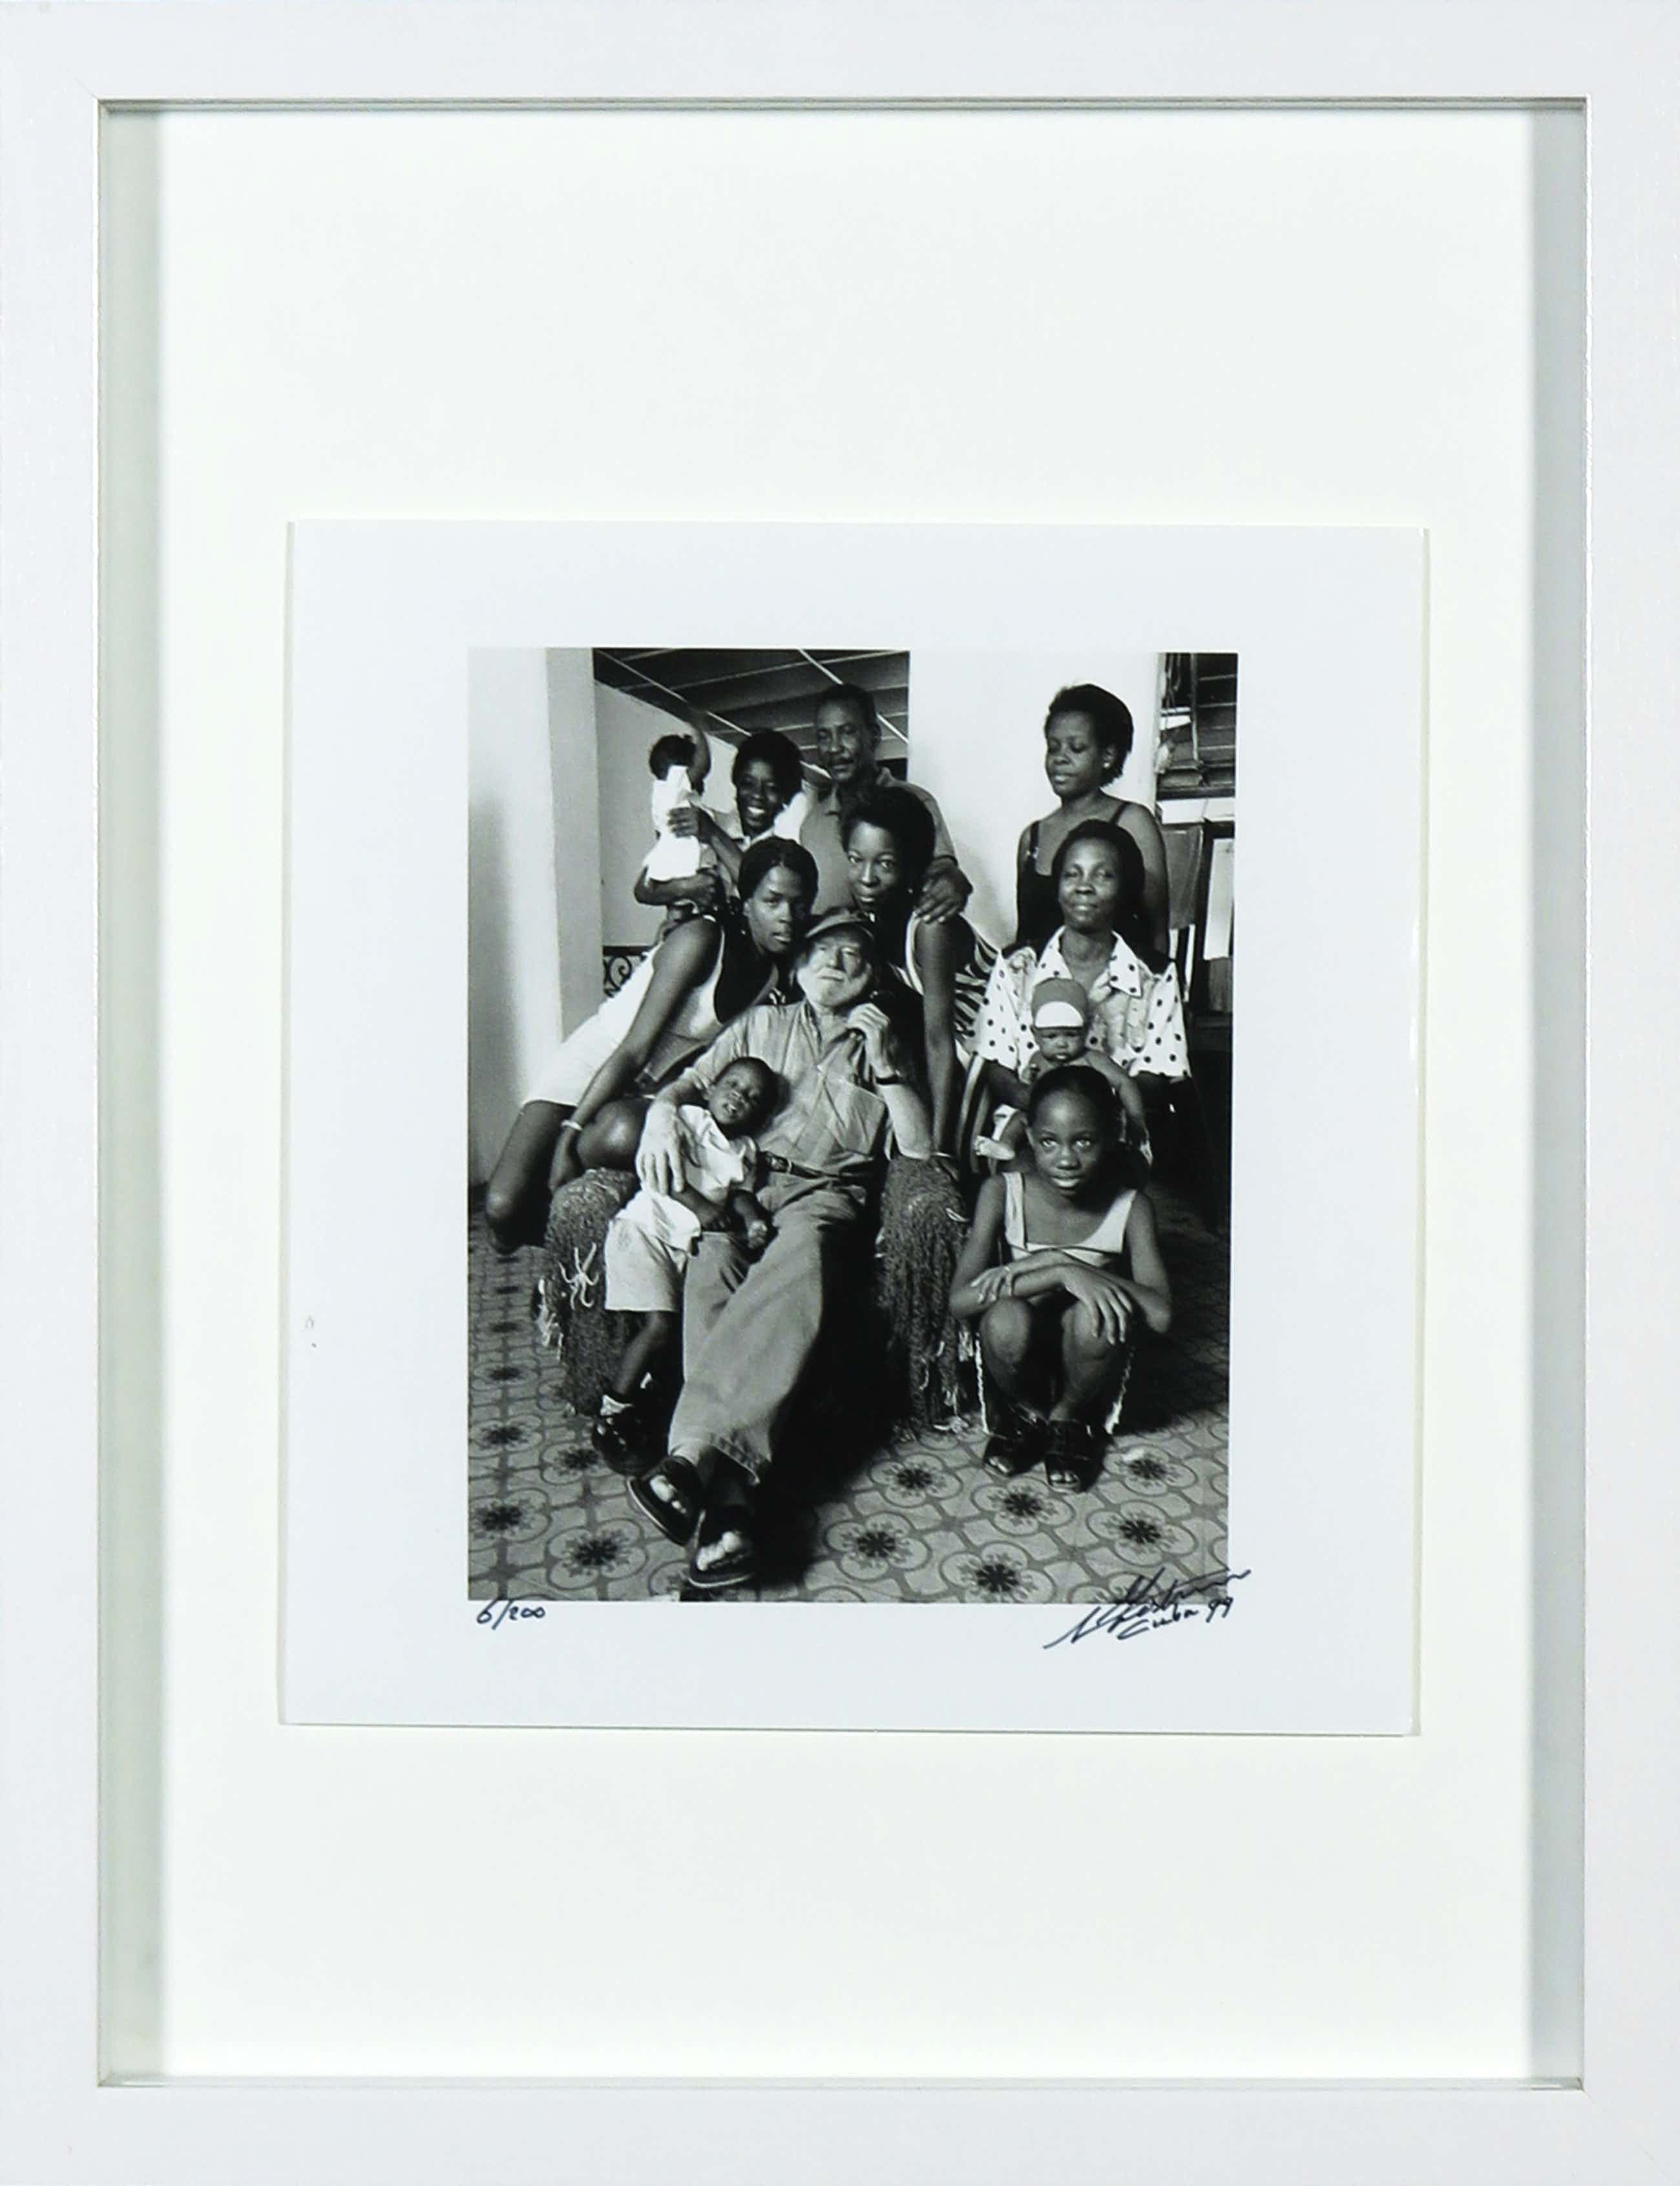 Nico Koster - Foto uit de serie Corneille in Cuba, 1999 kopen? Bied vanaf 40!